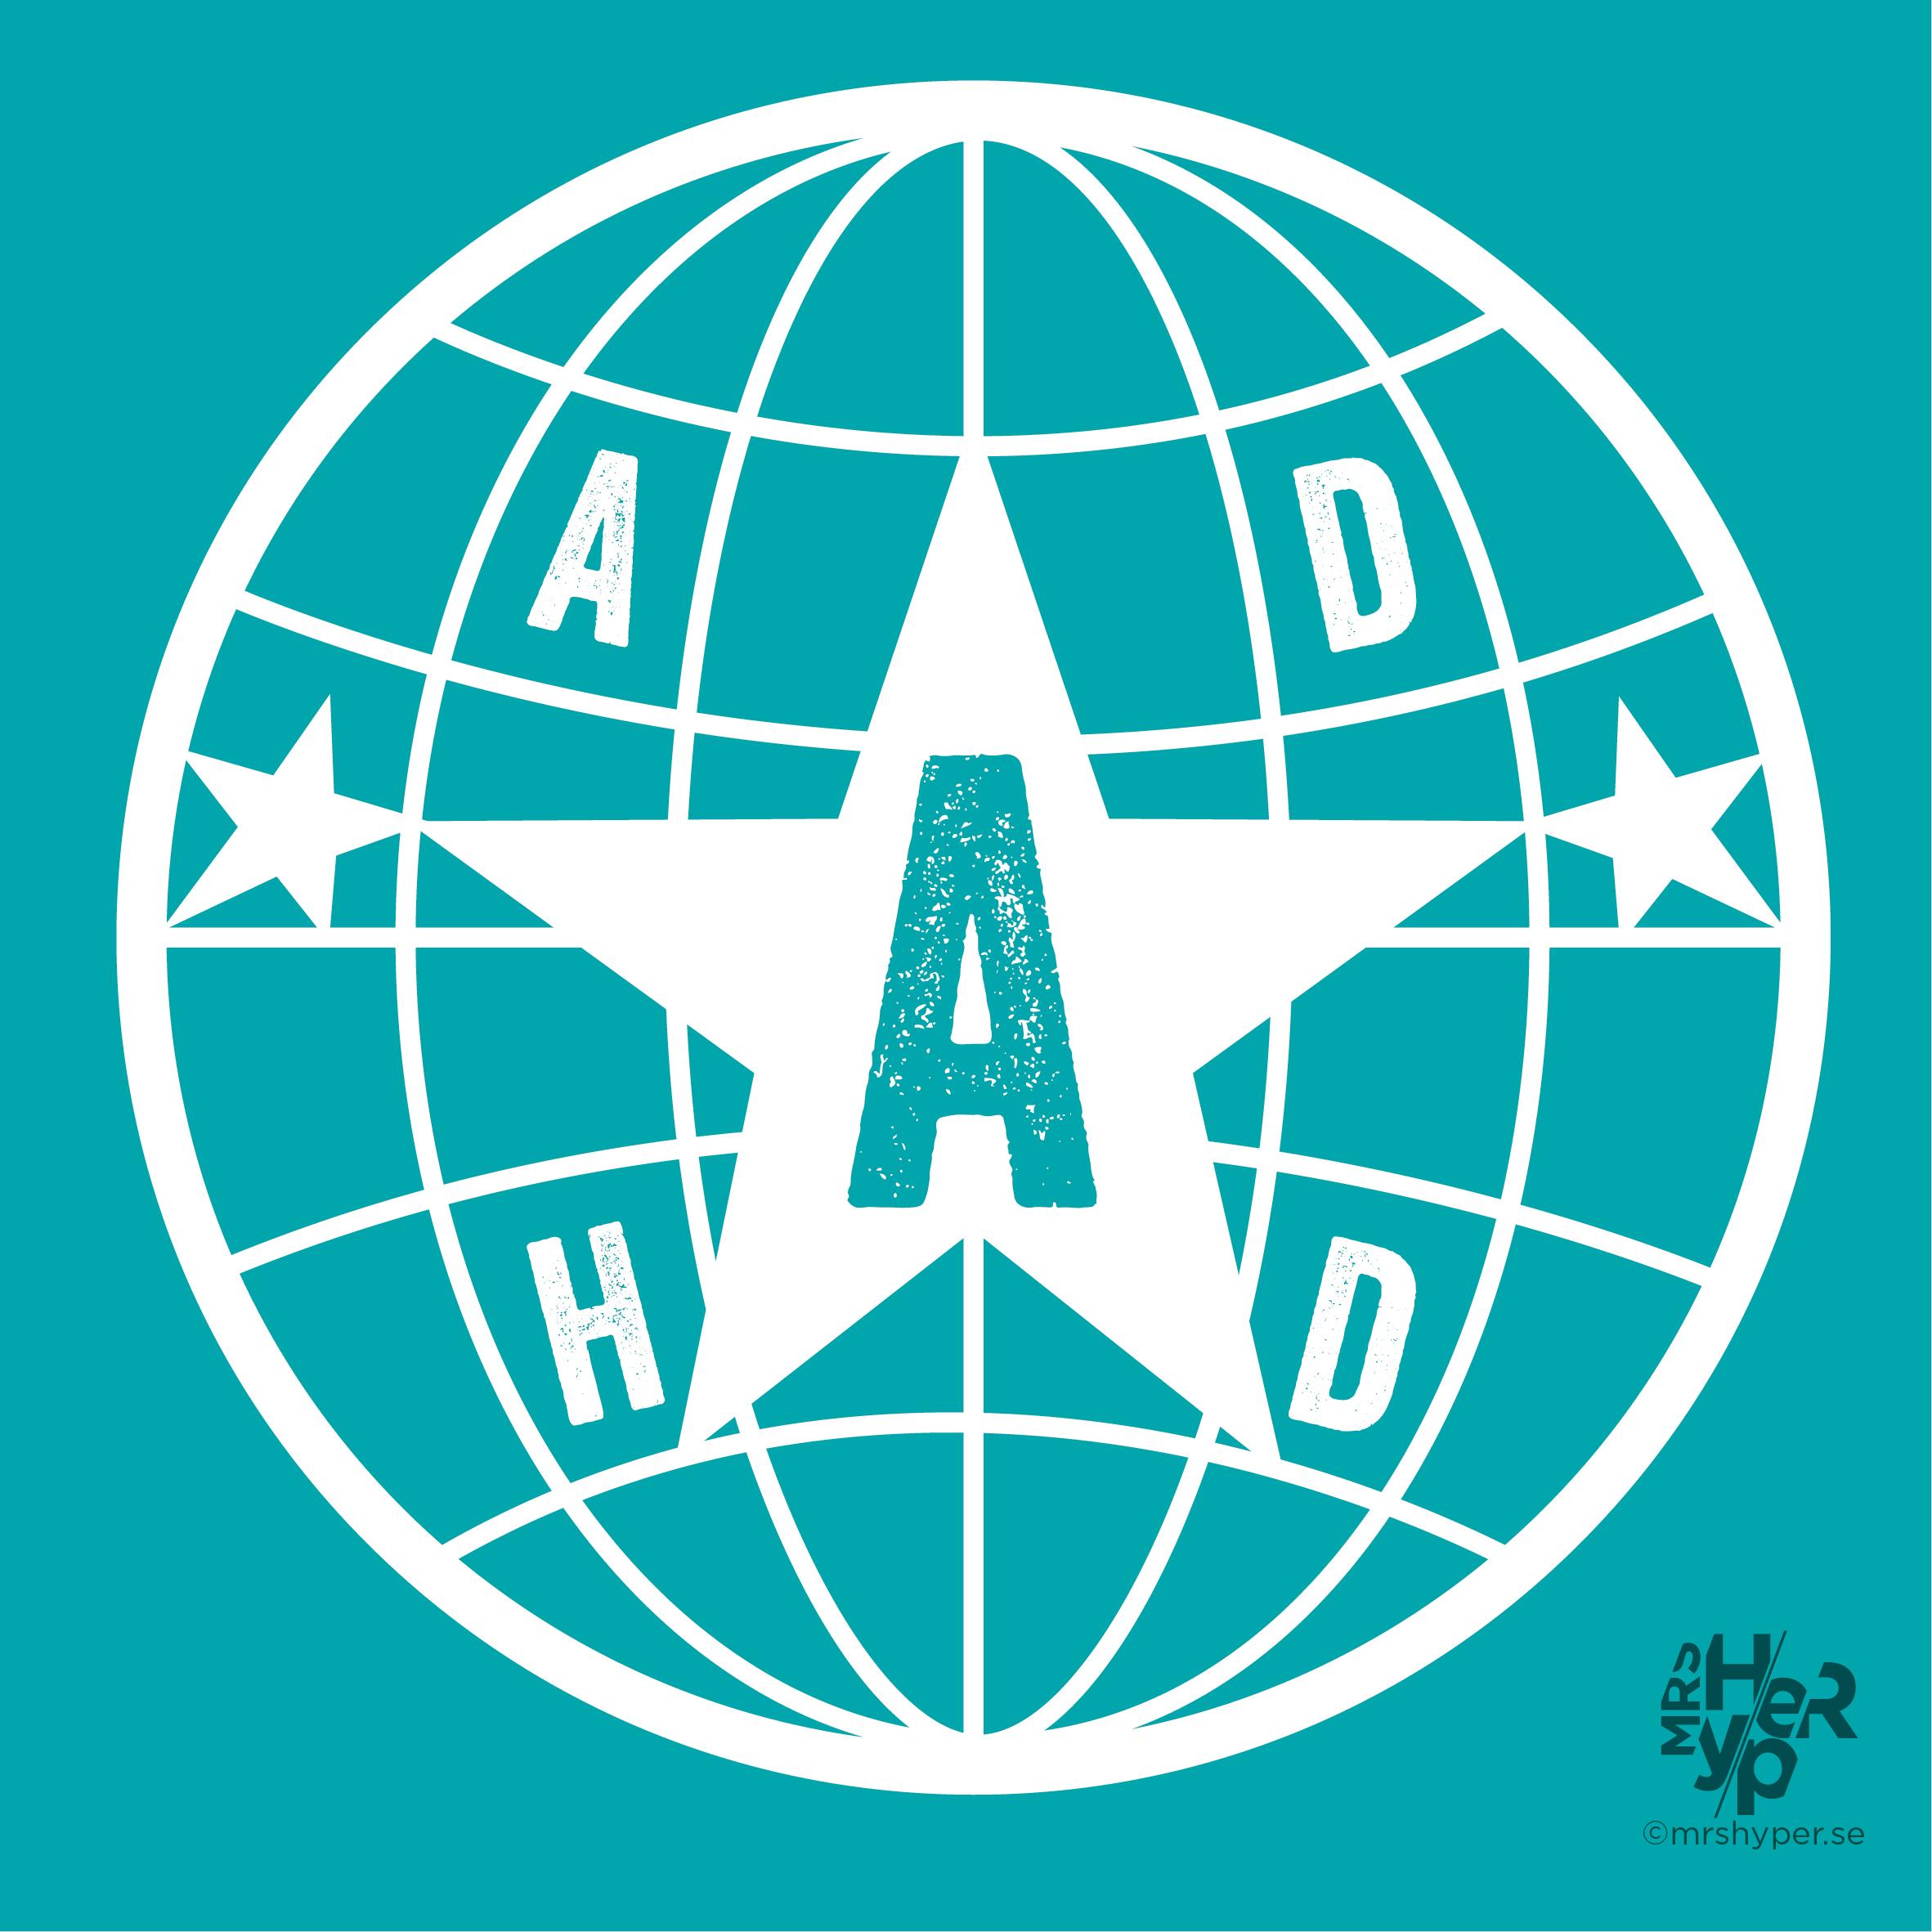 ADHD-frälsa världen : )